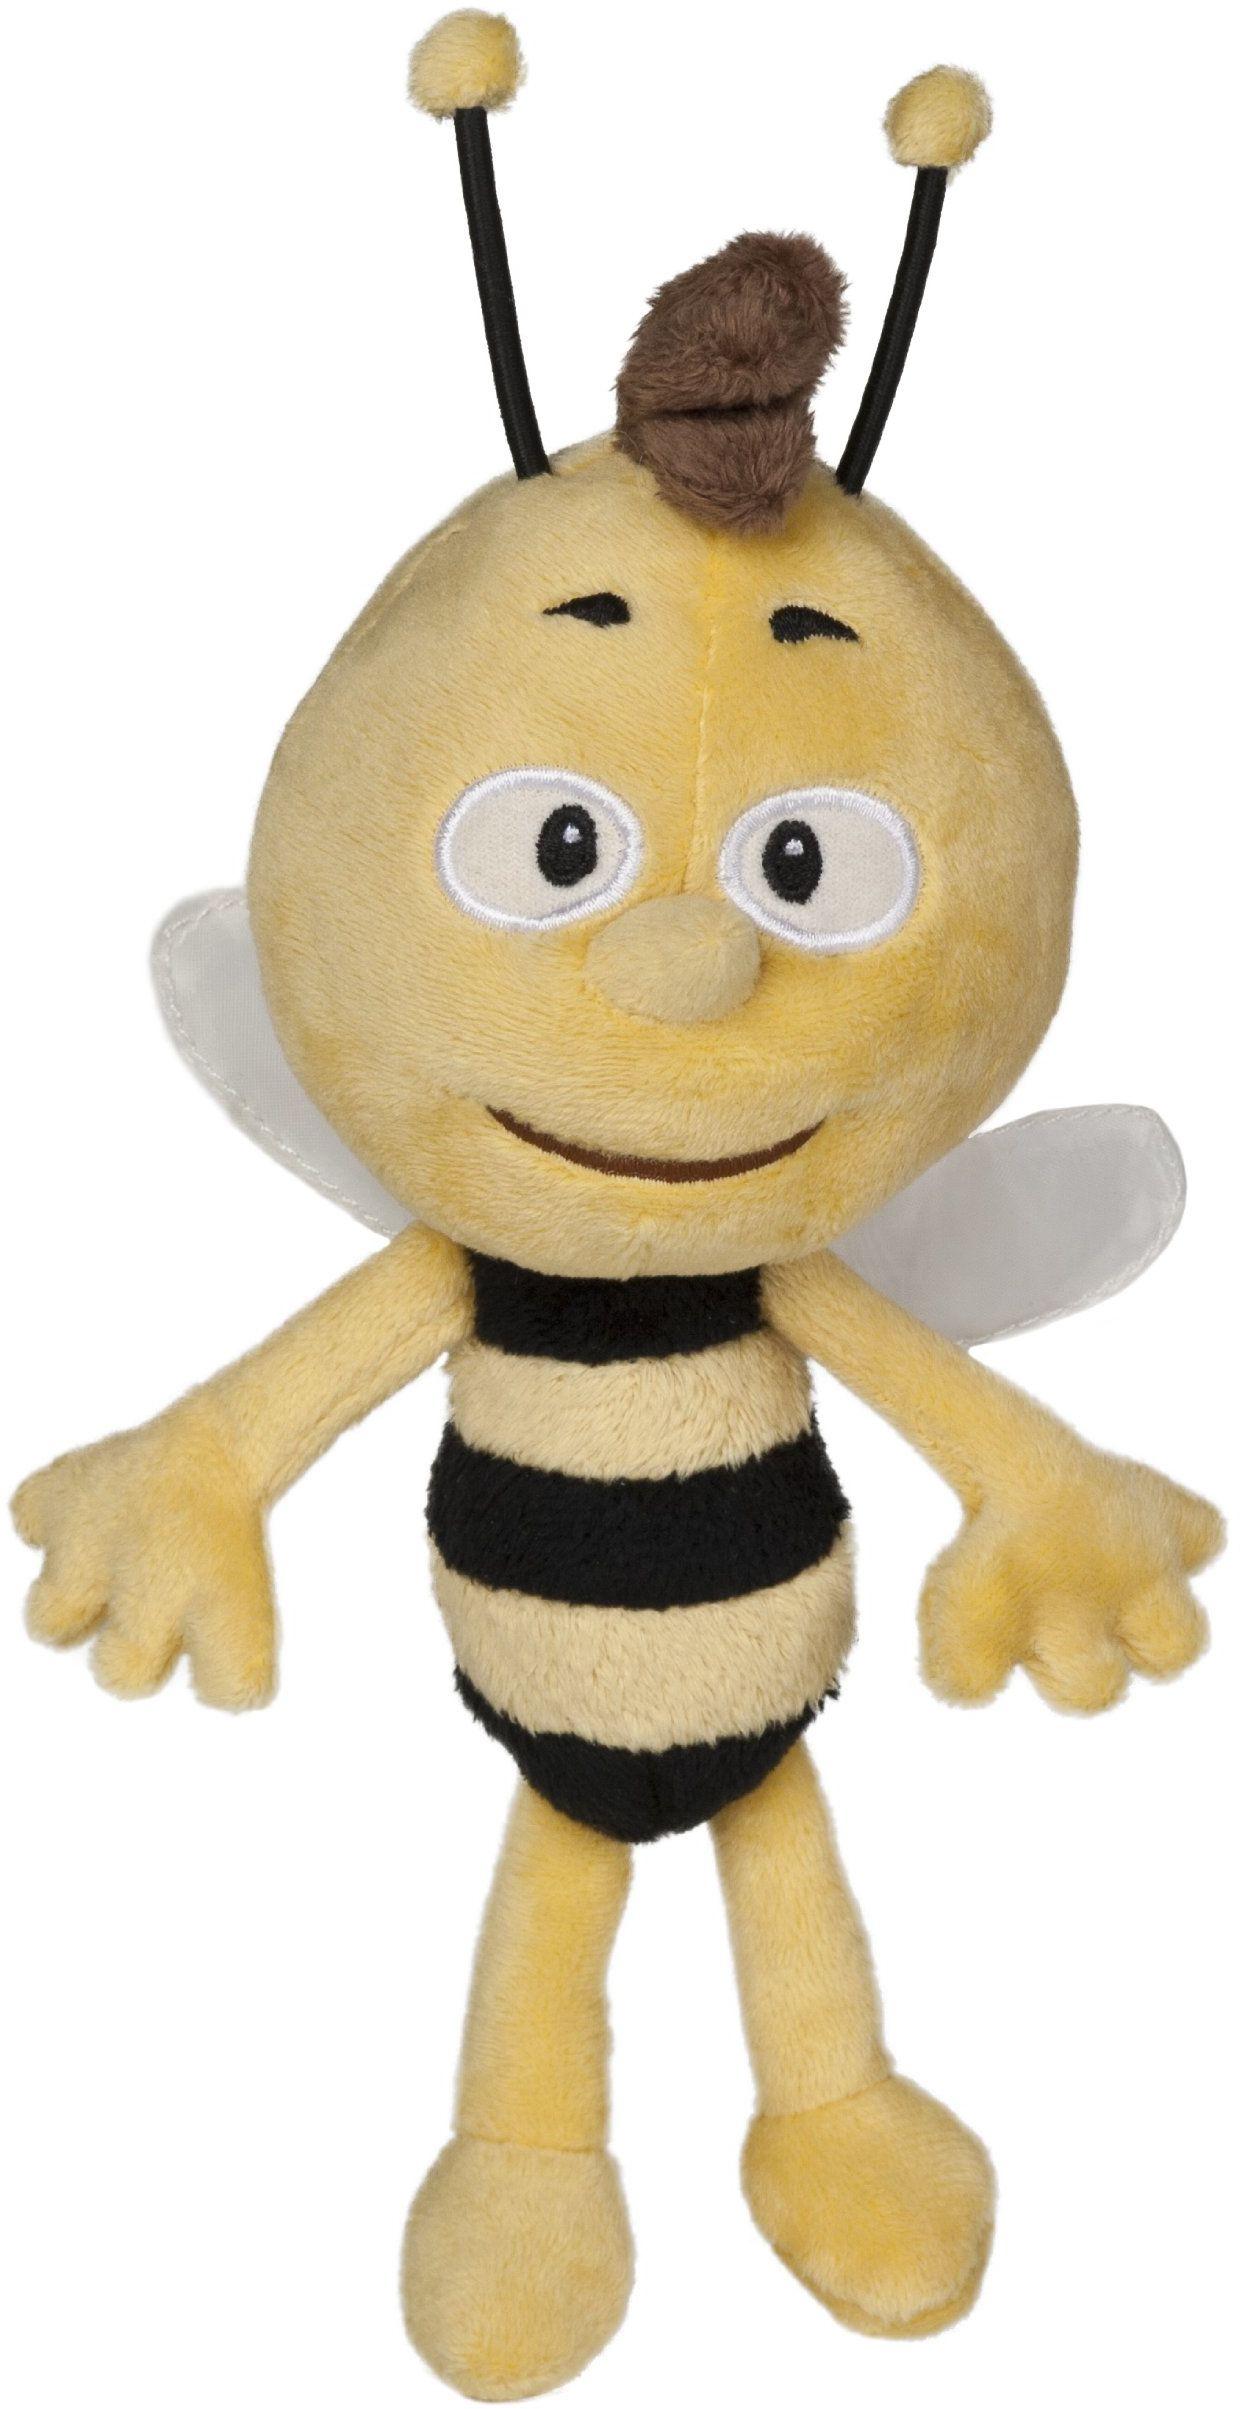 """Studio 100 - MEMB0000040, Pszczółka Maja: Plusz """"Willi"""" ok. 20 cm, wyraz może się różnić"""